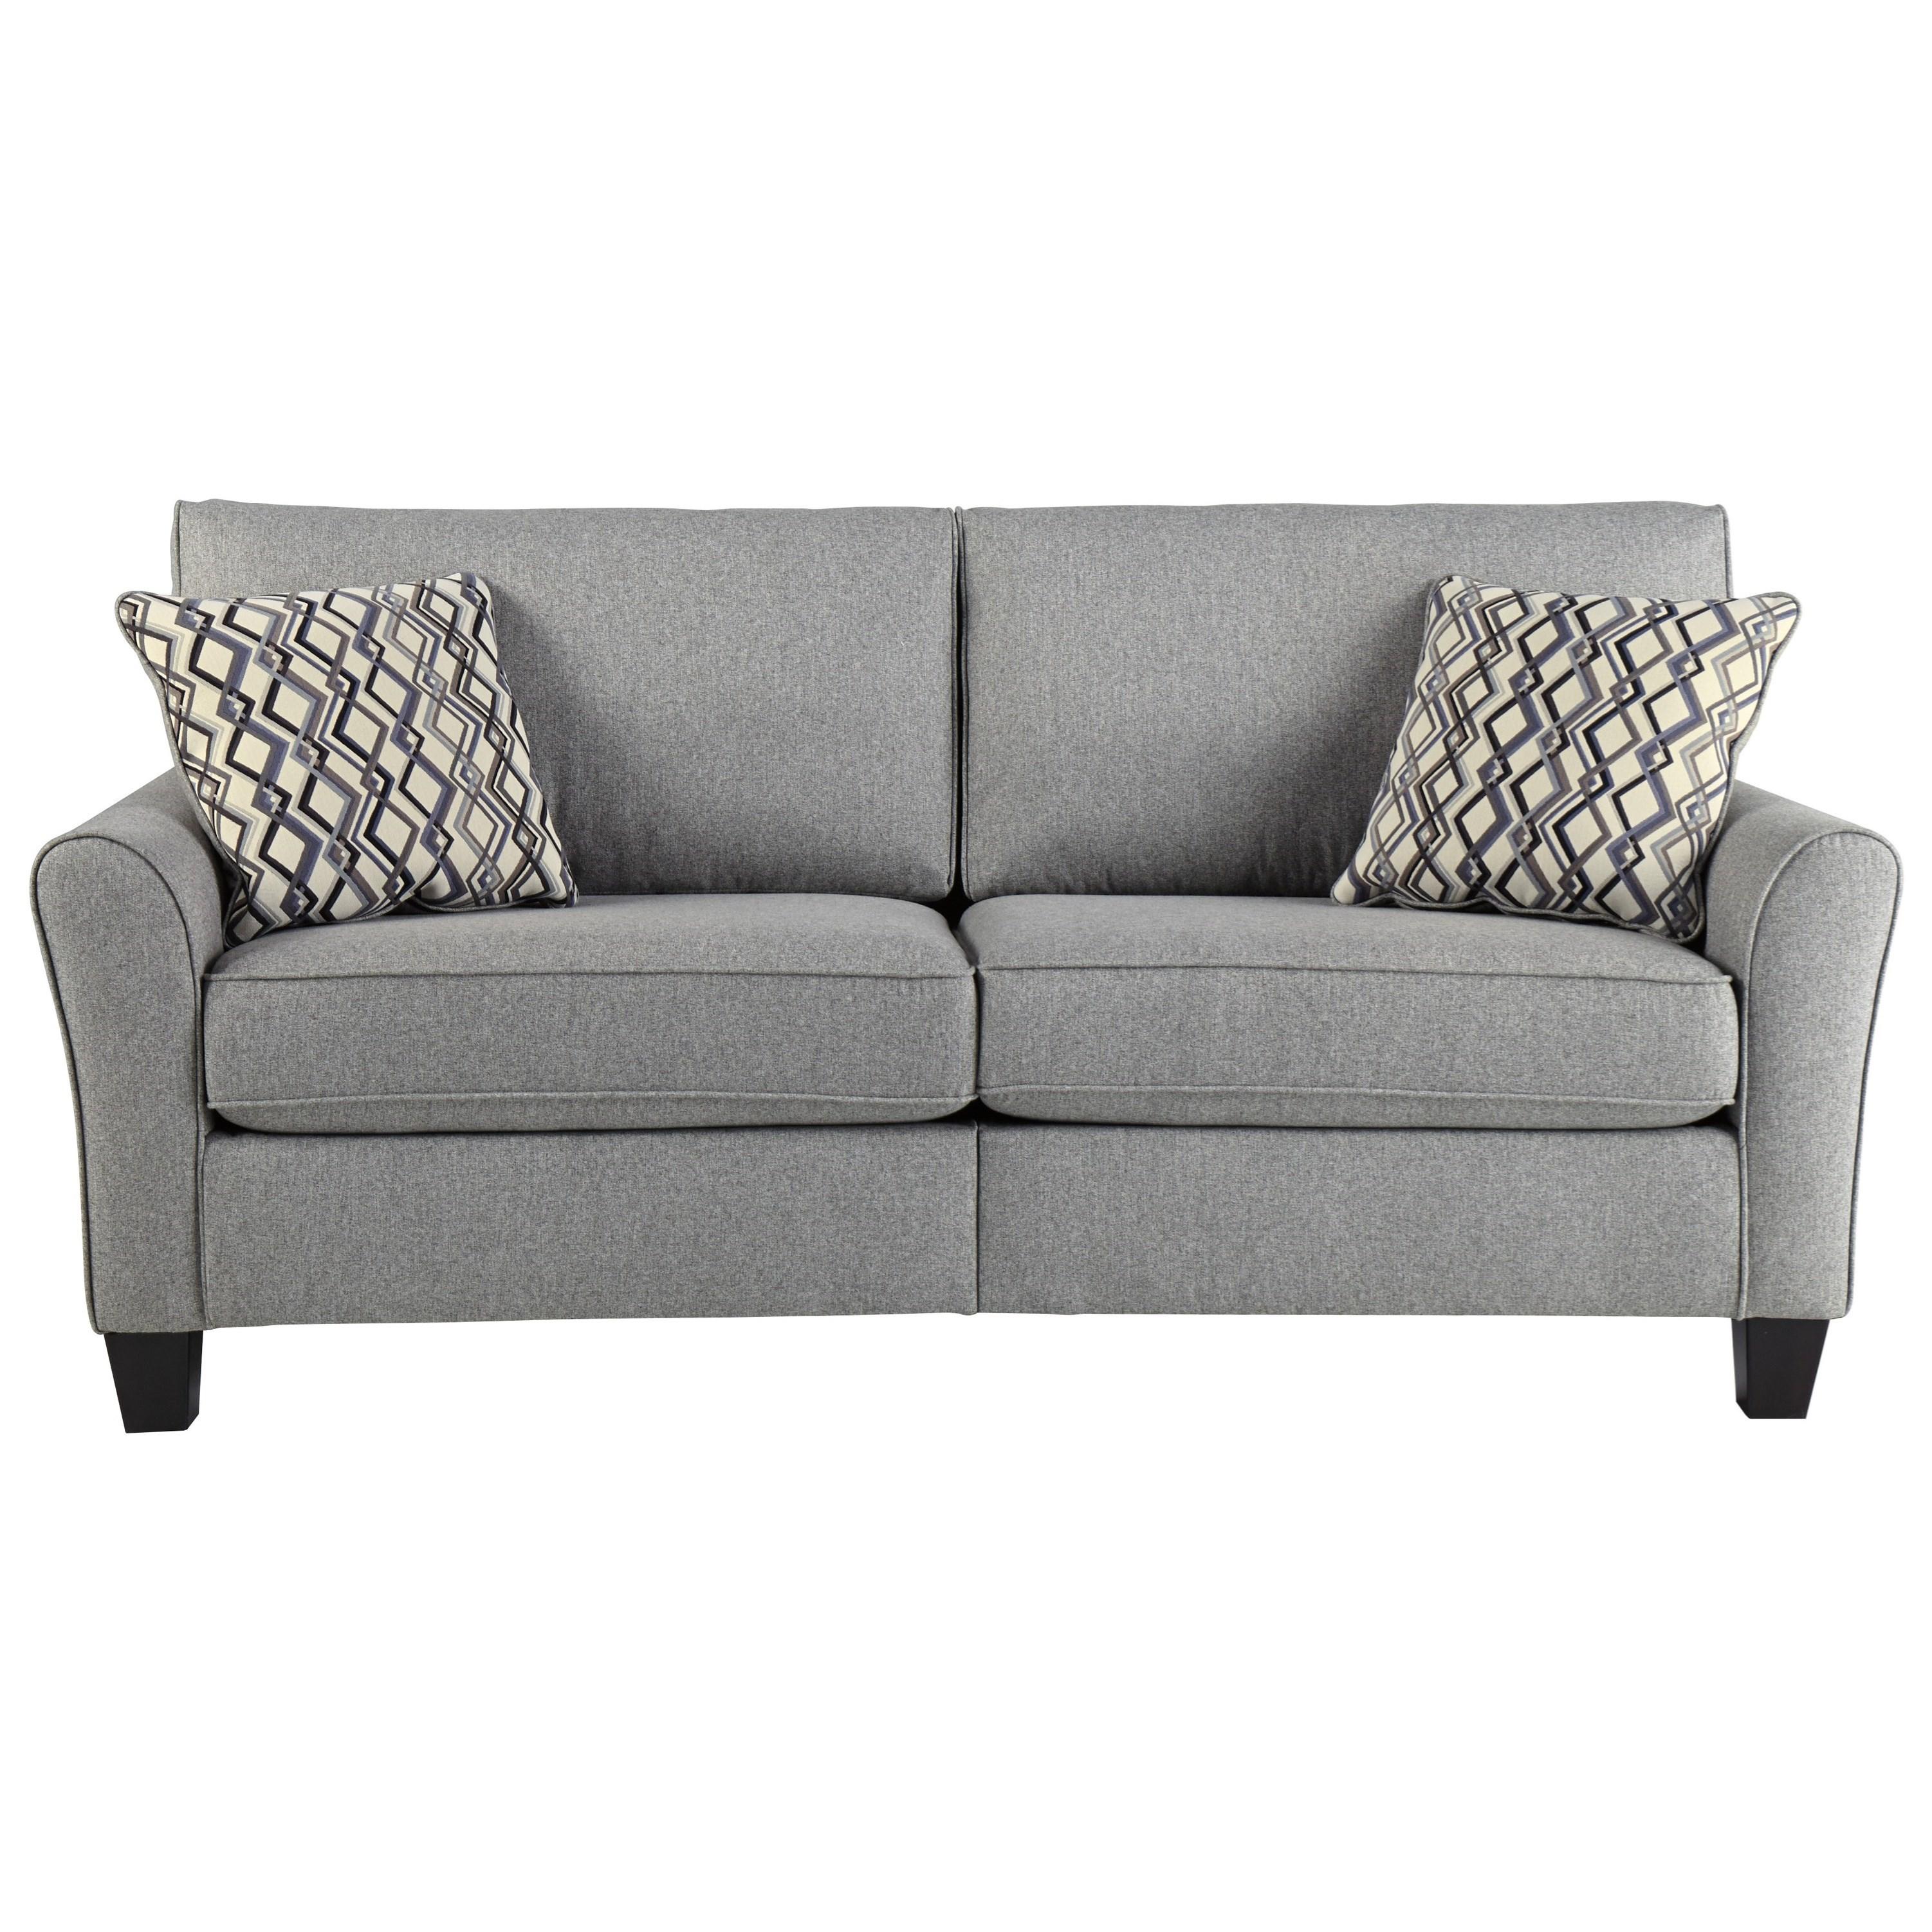 Signature Design by Ashley Strehela Stationary Sofa - Item Number: 3310138